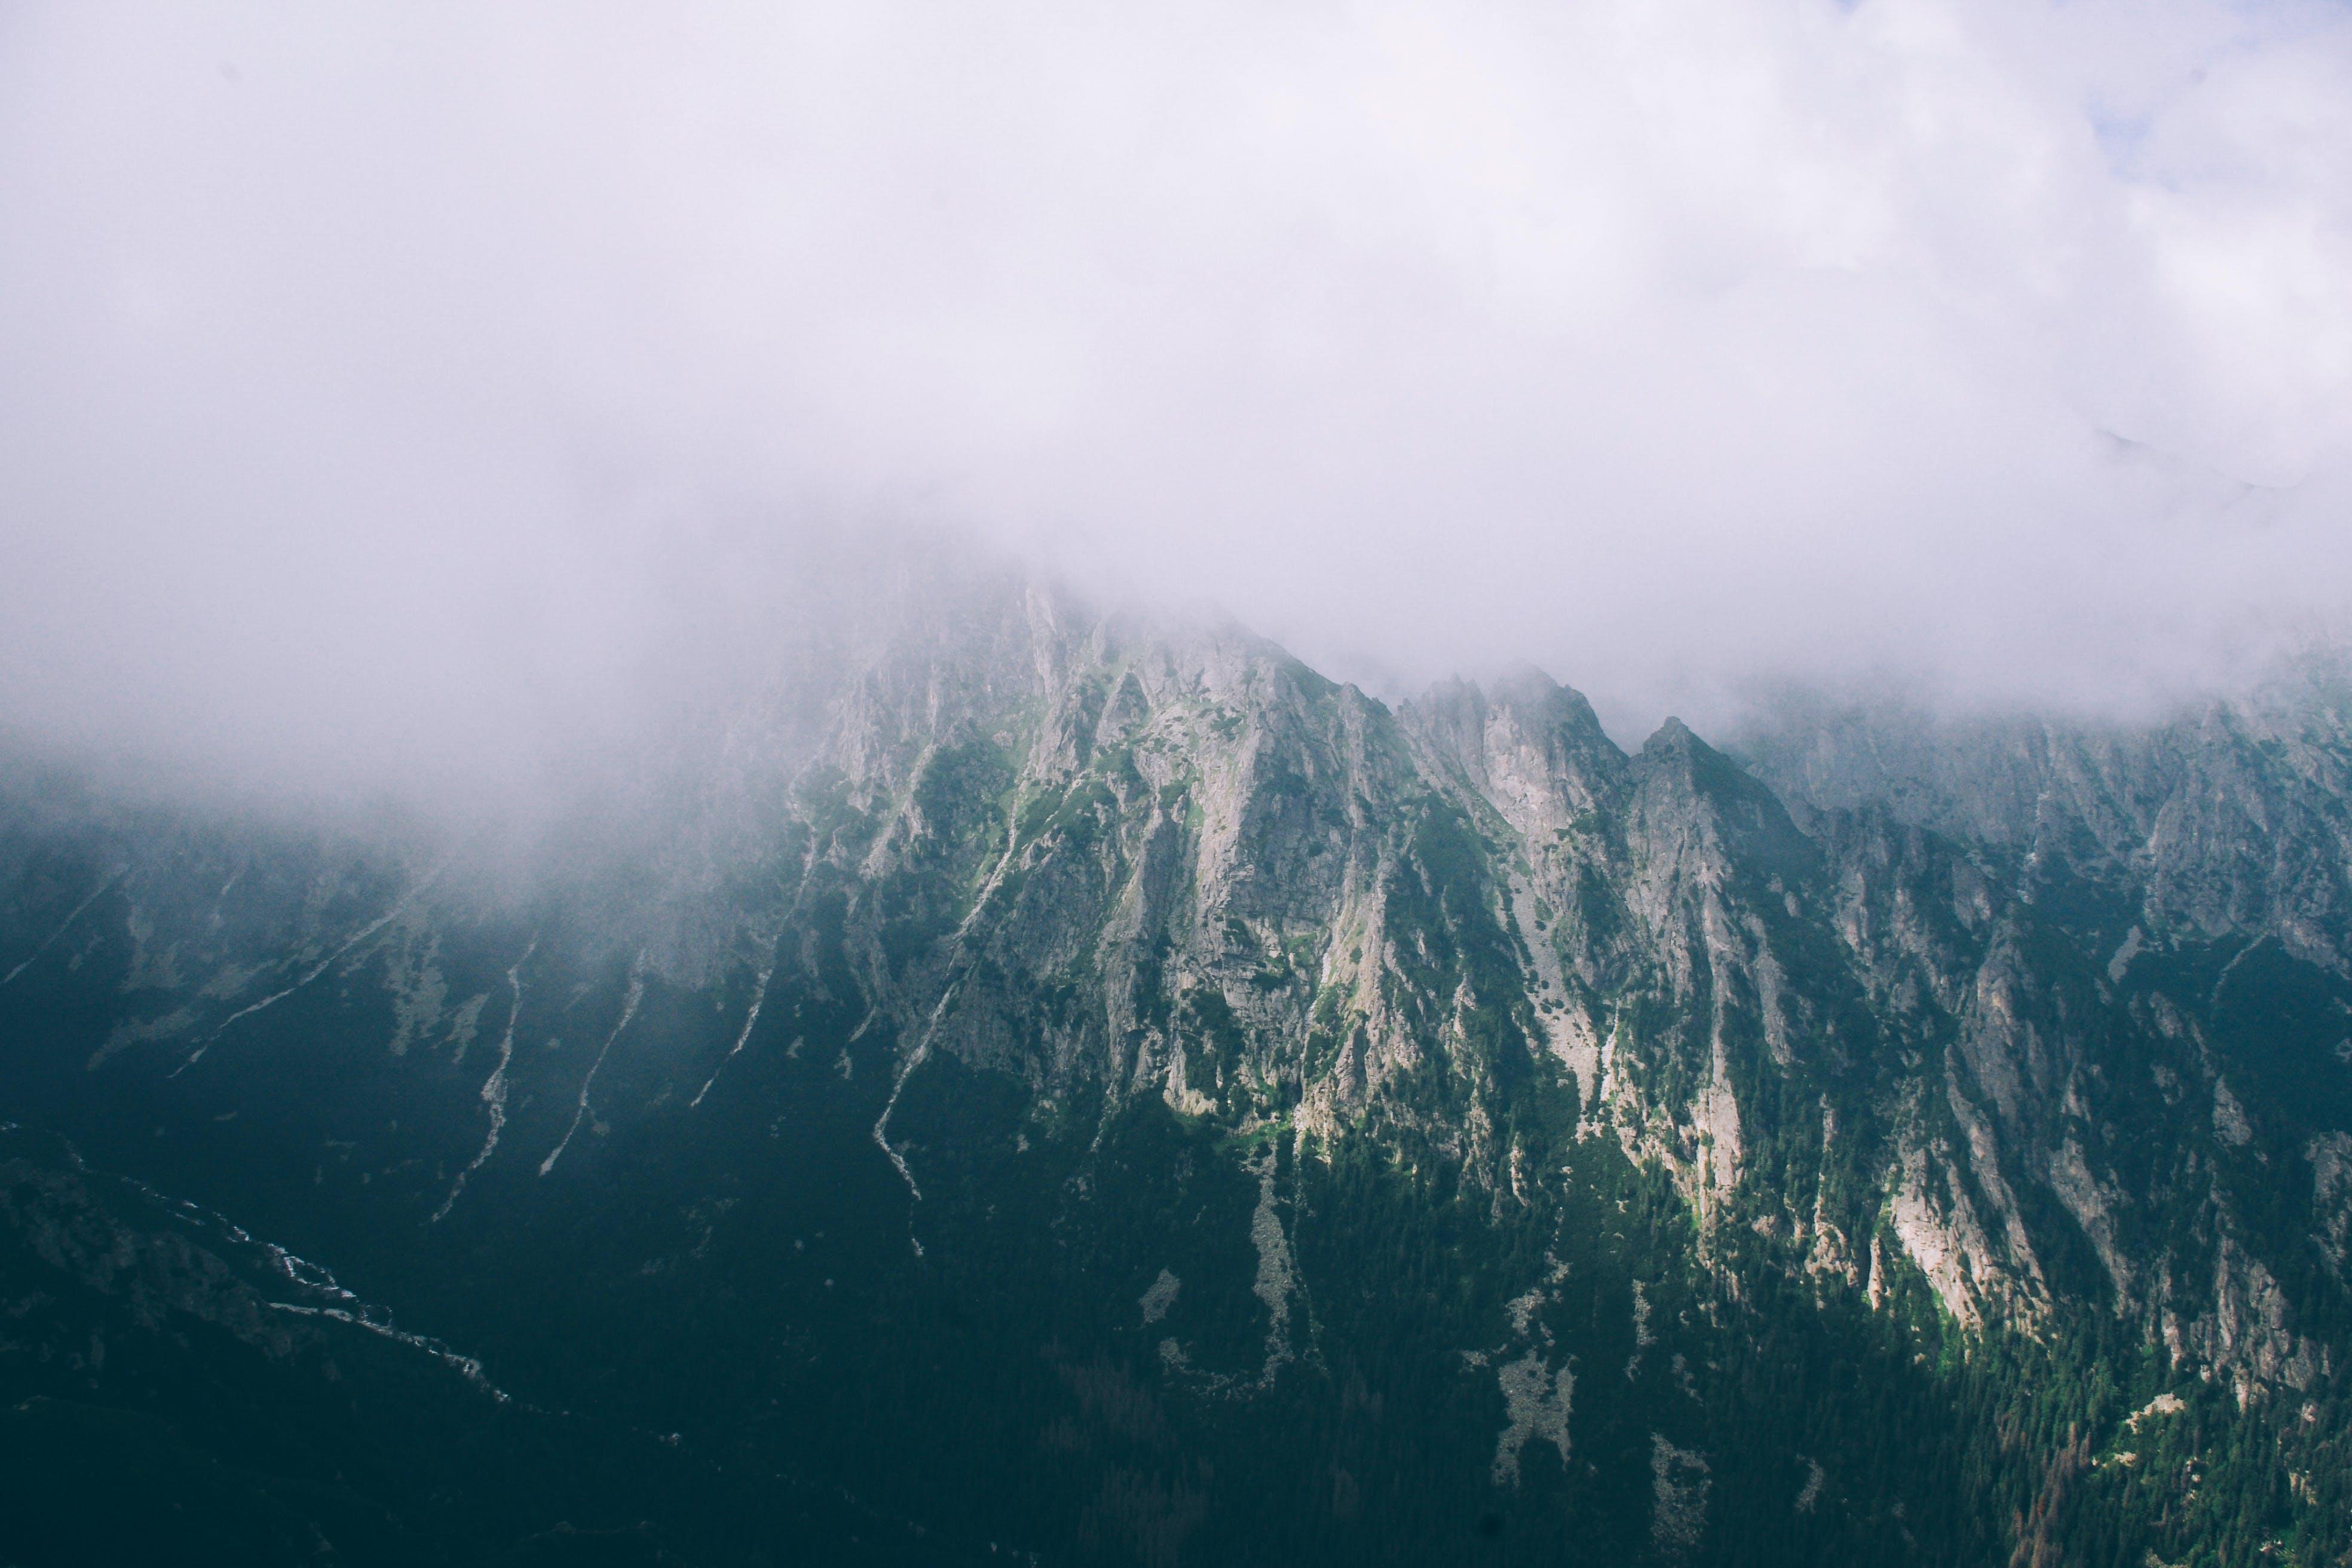 fog, foggy, green